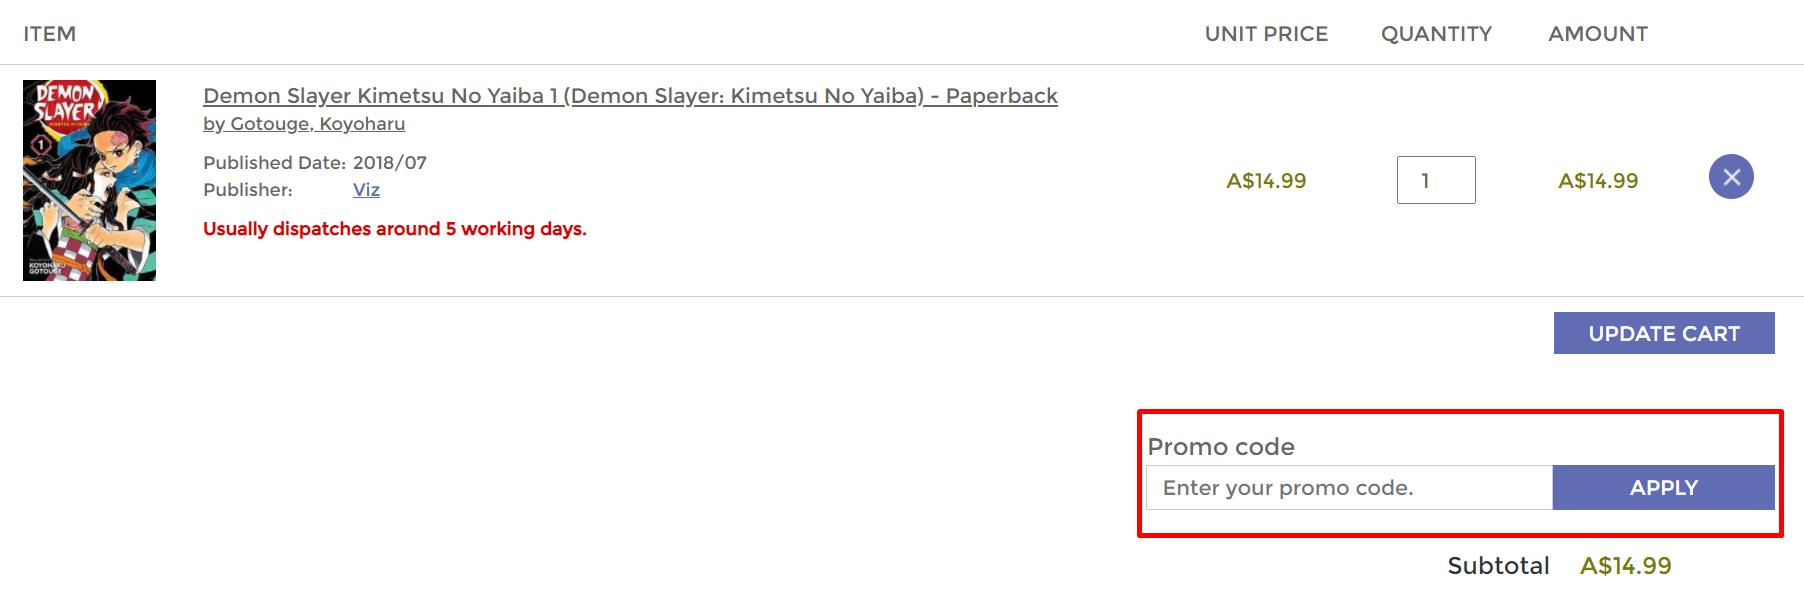 How do I use my Kinokuniya promo code?